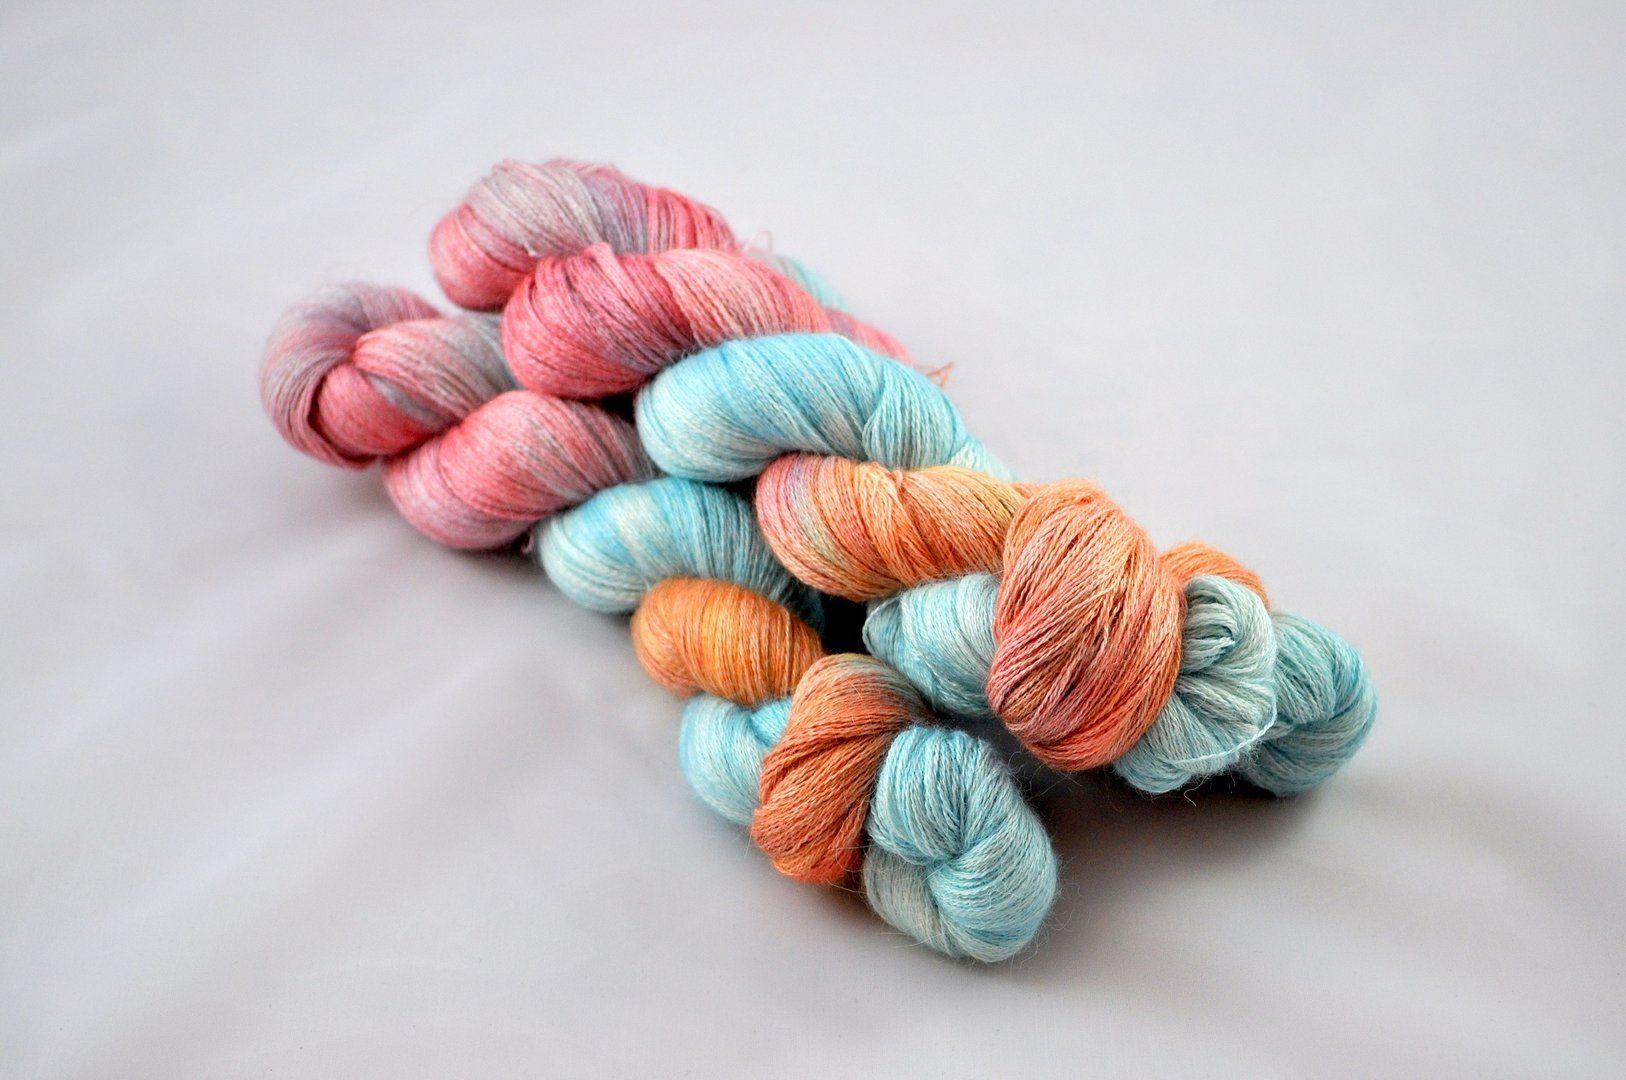 Eichelhäher - handdyed yarn by Sternenstaub